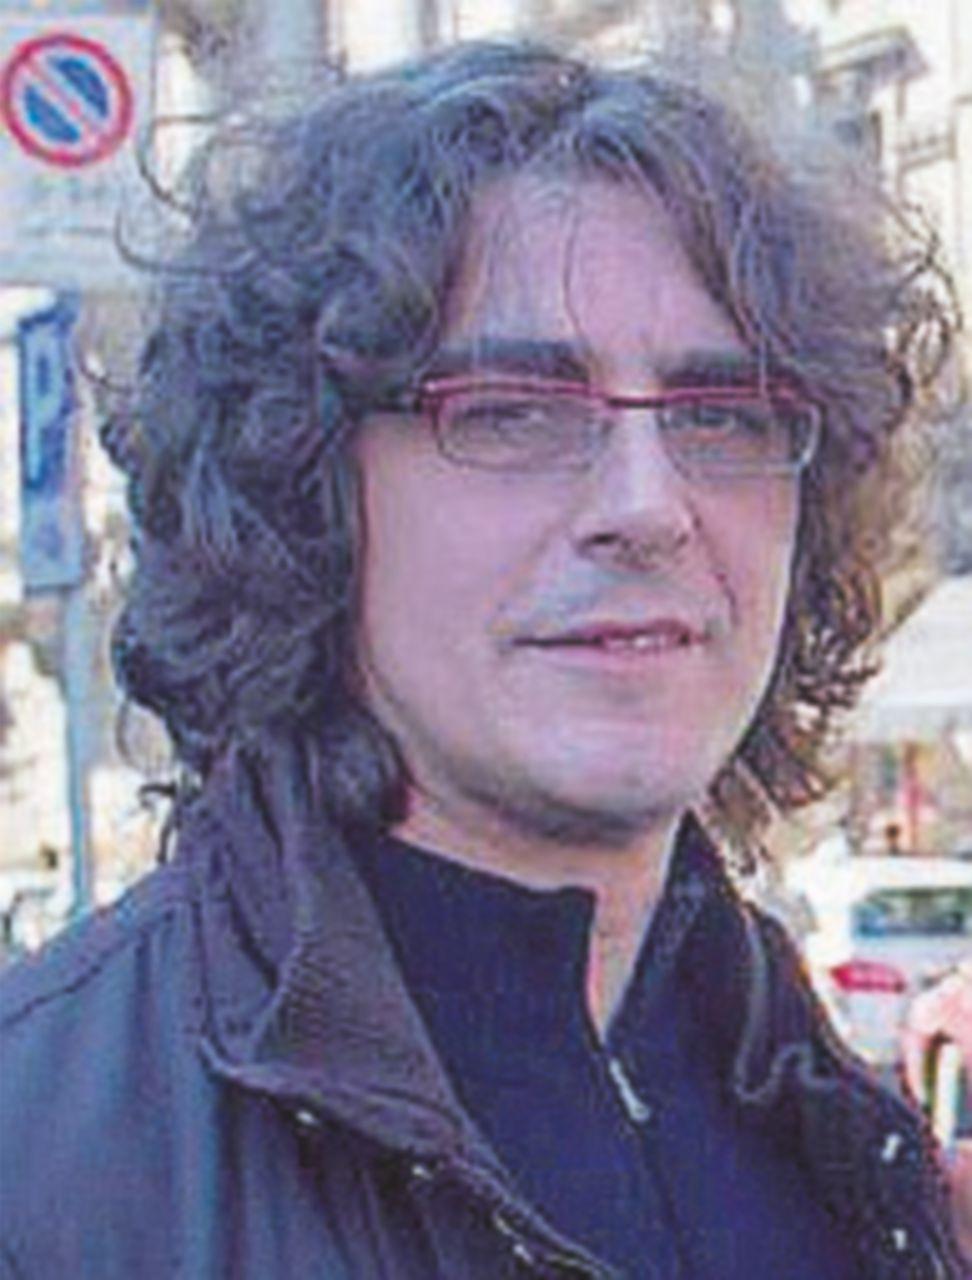 Milano, i 5Stelle ripartono da Corrado. Voto blindato sul blog per l'avvocato